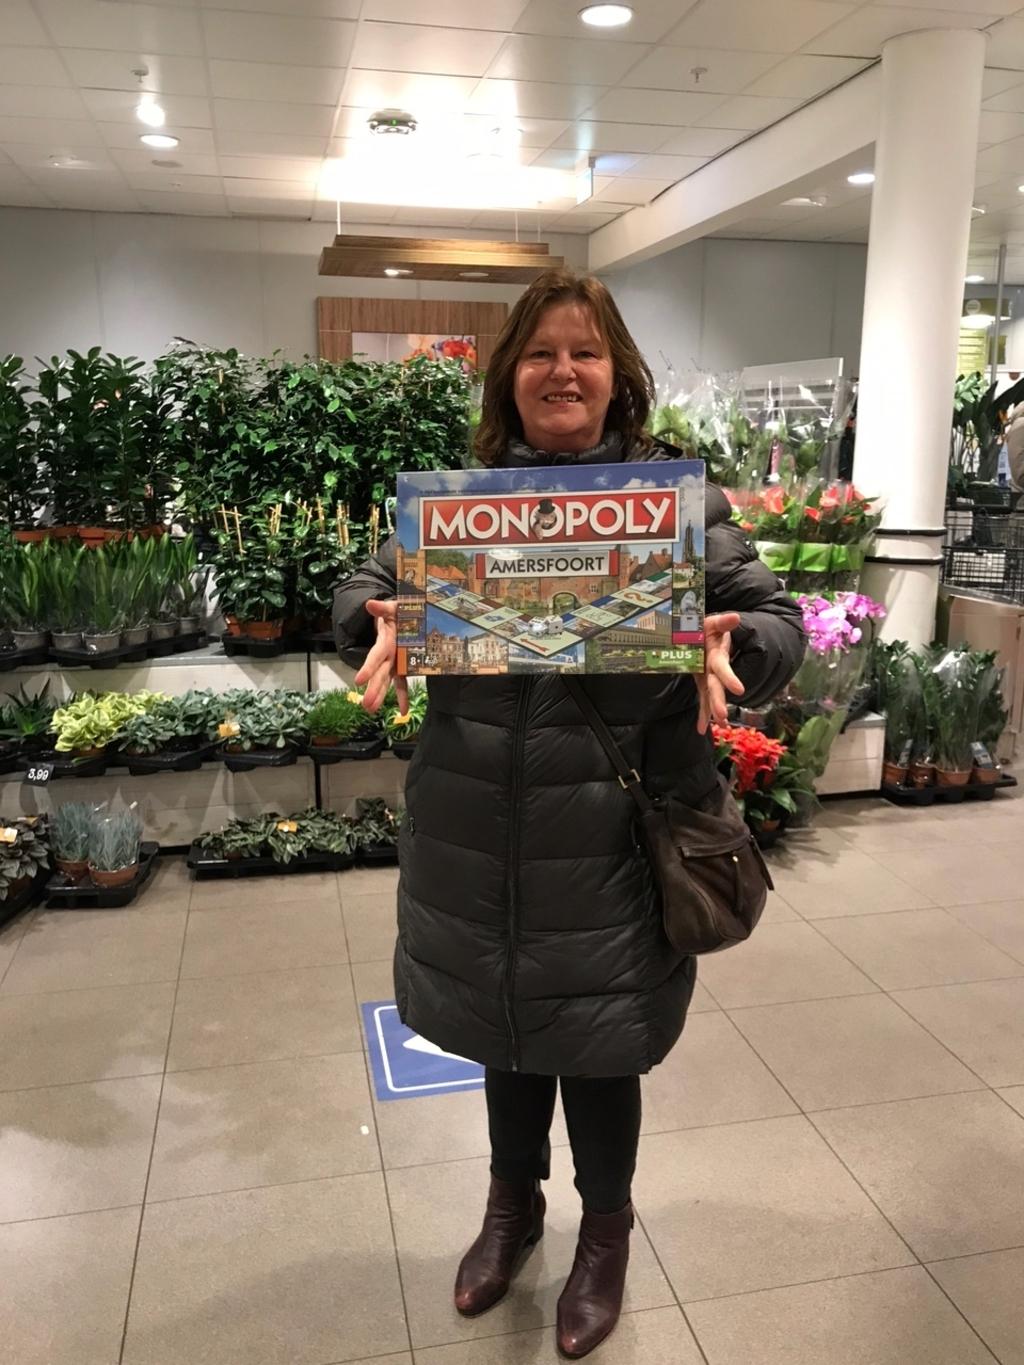 <p>Carlijn Stolvoort en Marianne Mesu wonnen het Amersfoorts Monopolyspel,nadat ze De Stad Amersfoort volgden op Facebook. </p> Plus Amersfoort © BDU media